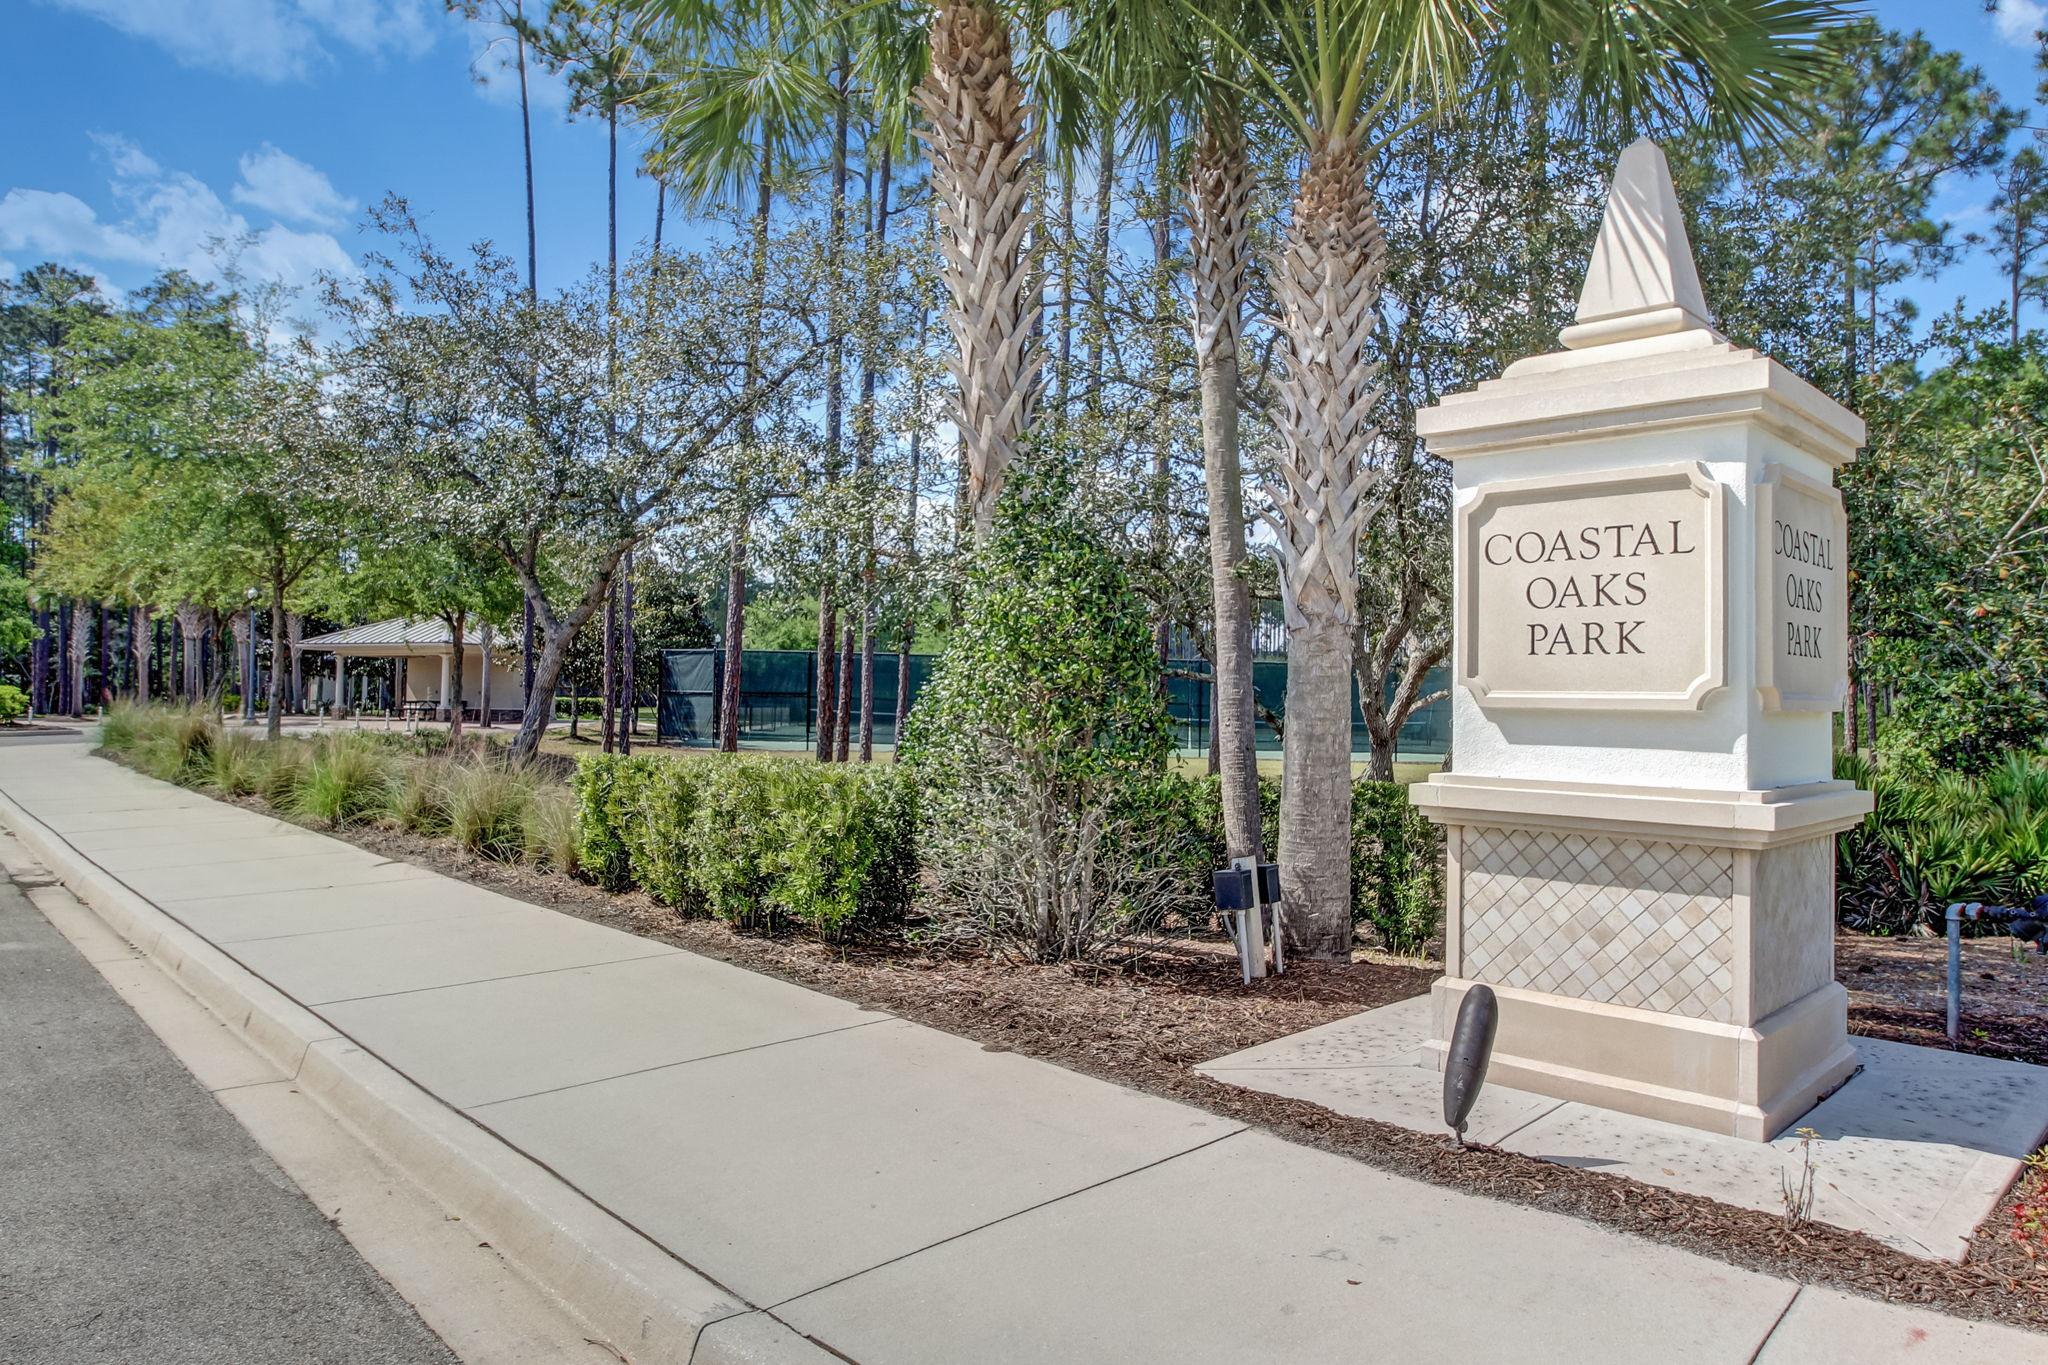 Coastal Oaks